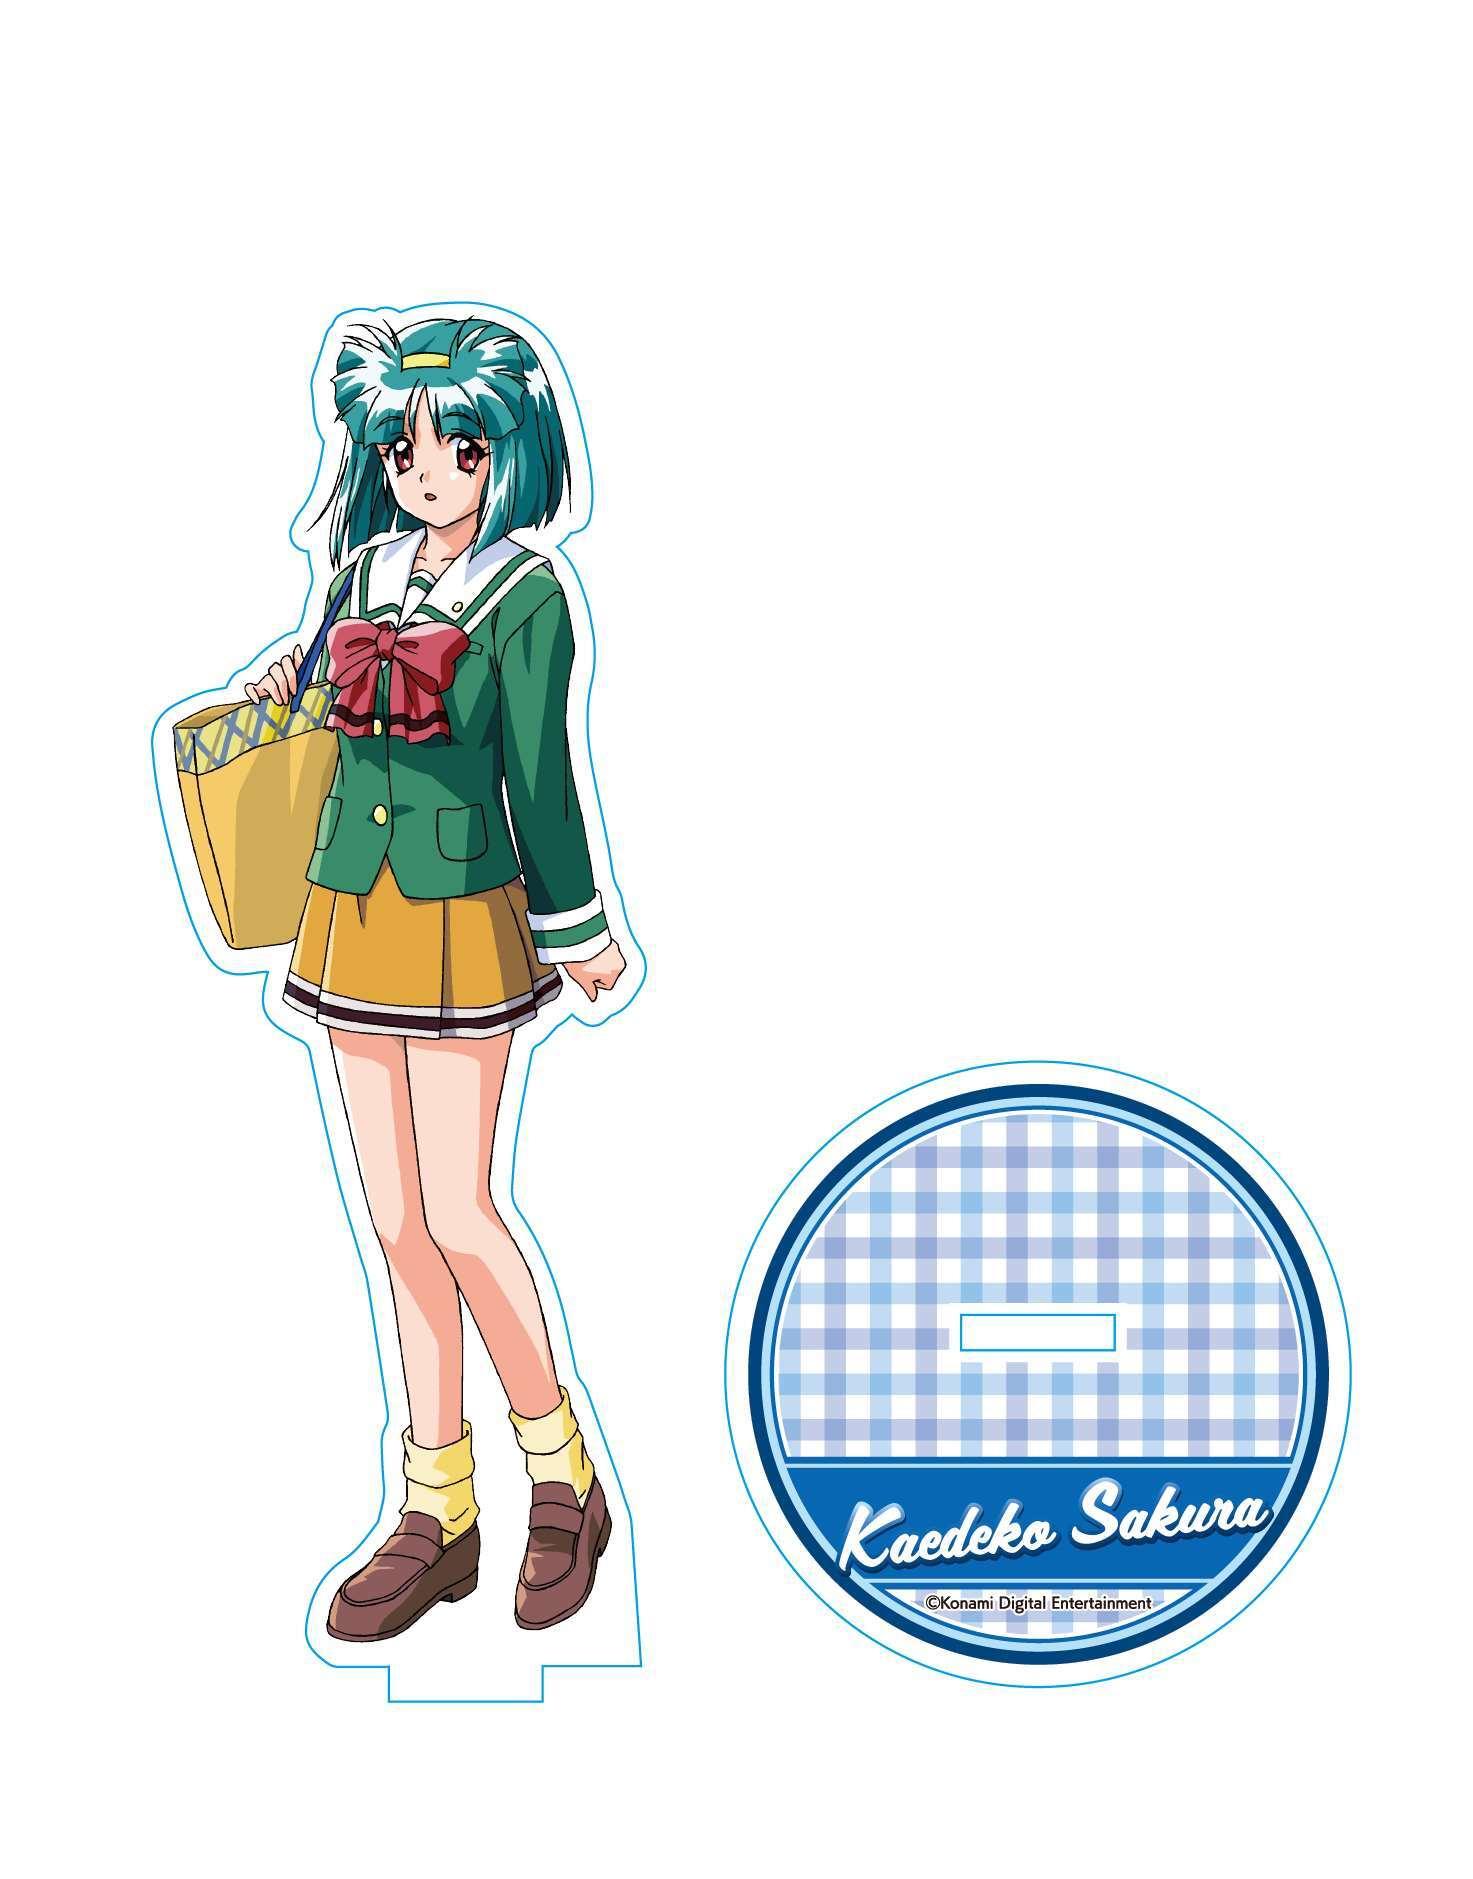 ときめきメモリアル2  アクリルスタンド  佐倉 楓子